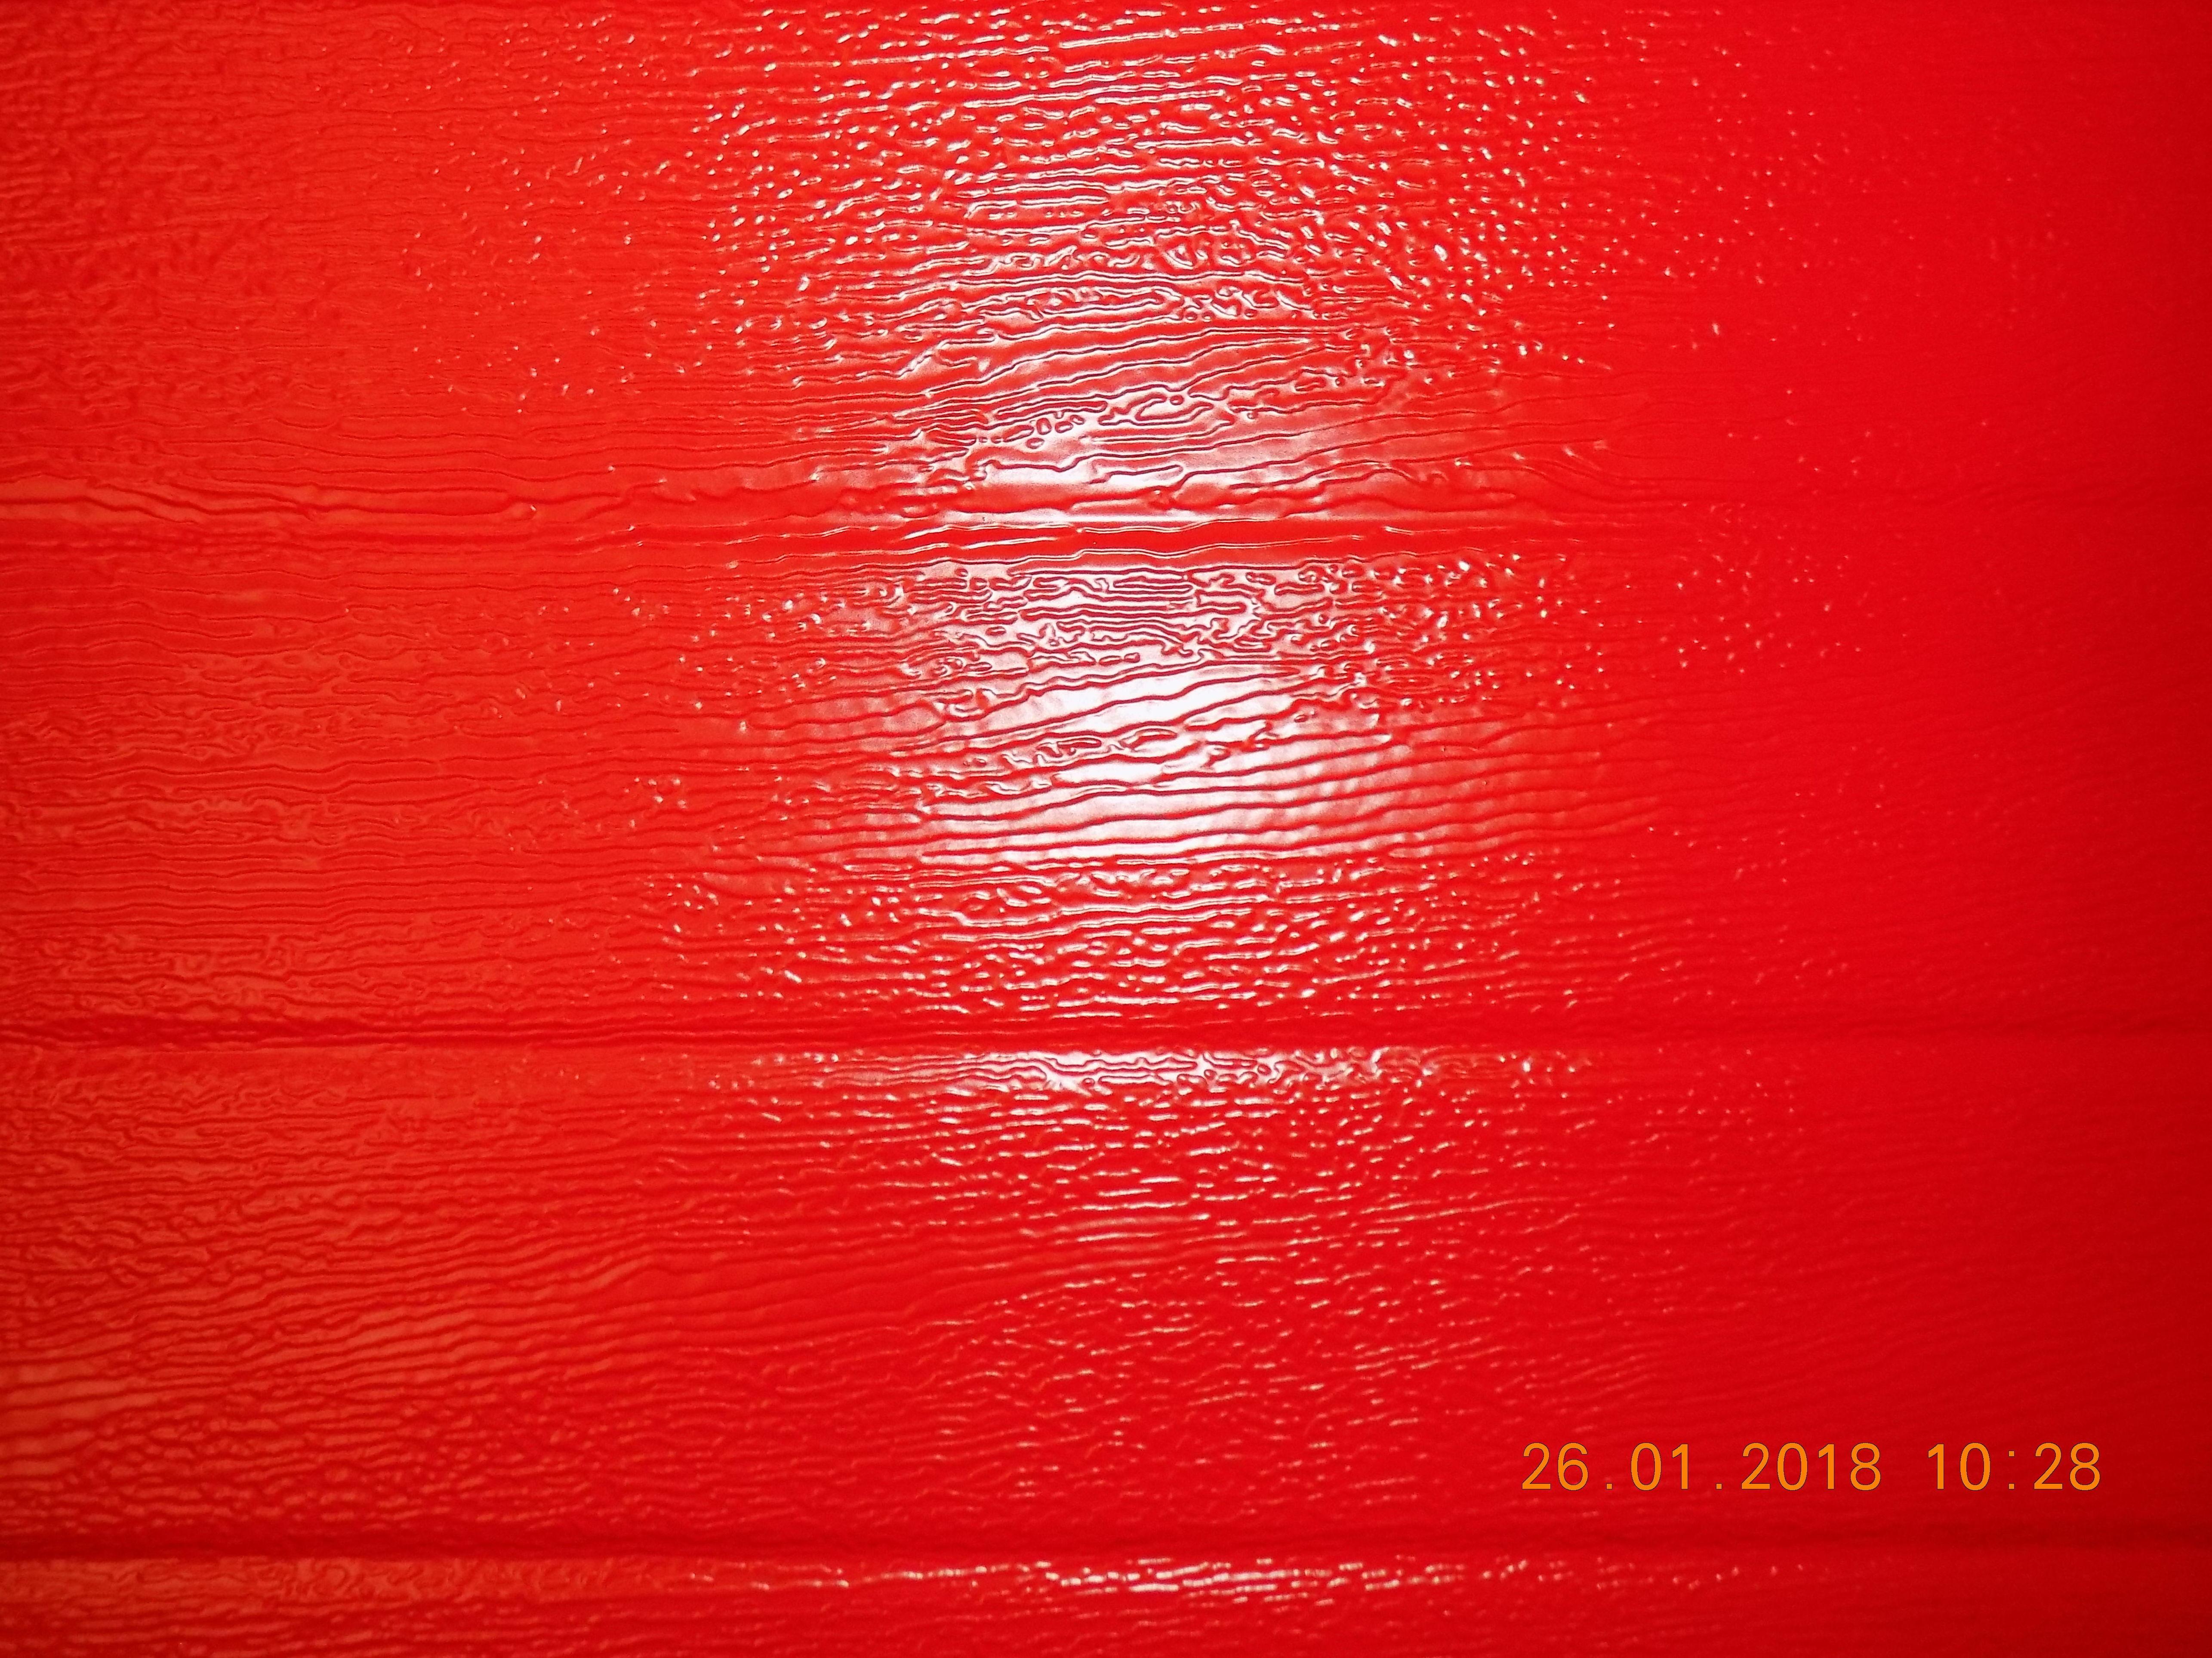 """Detalle de gofrado en leño de panelado de seccional. Color """"rojo vivo"""" RAL 3000."""